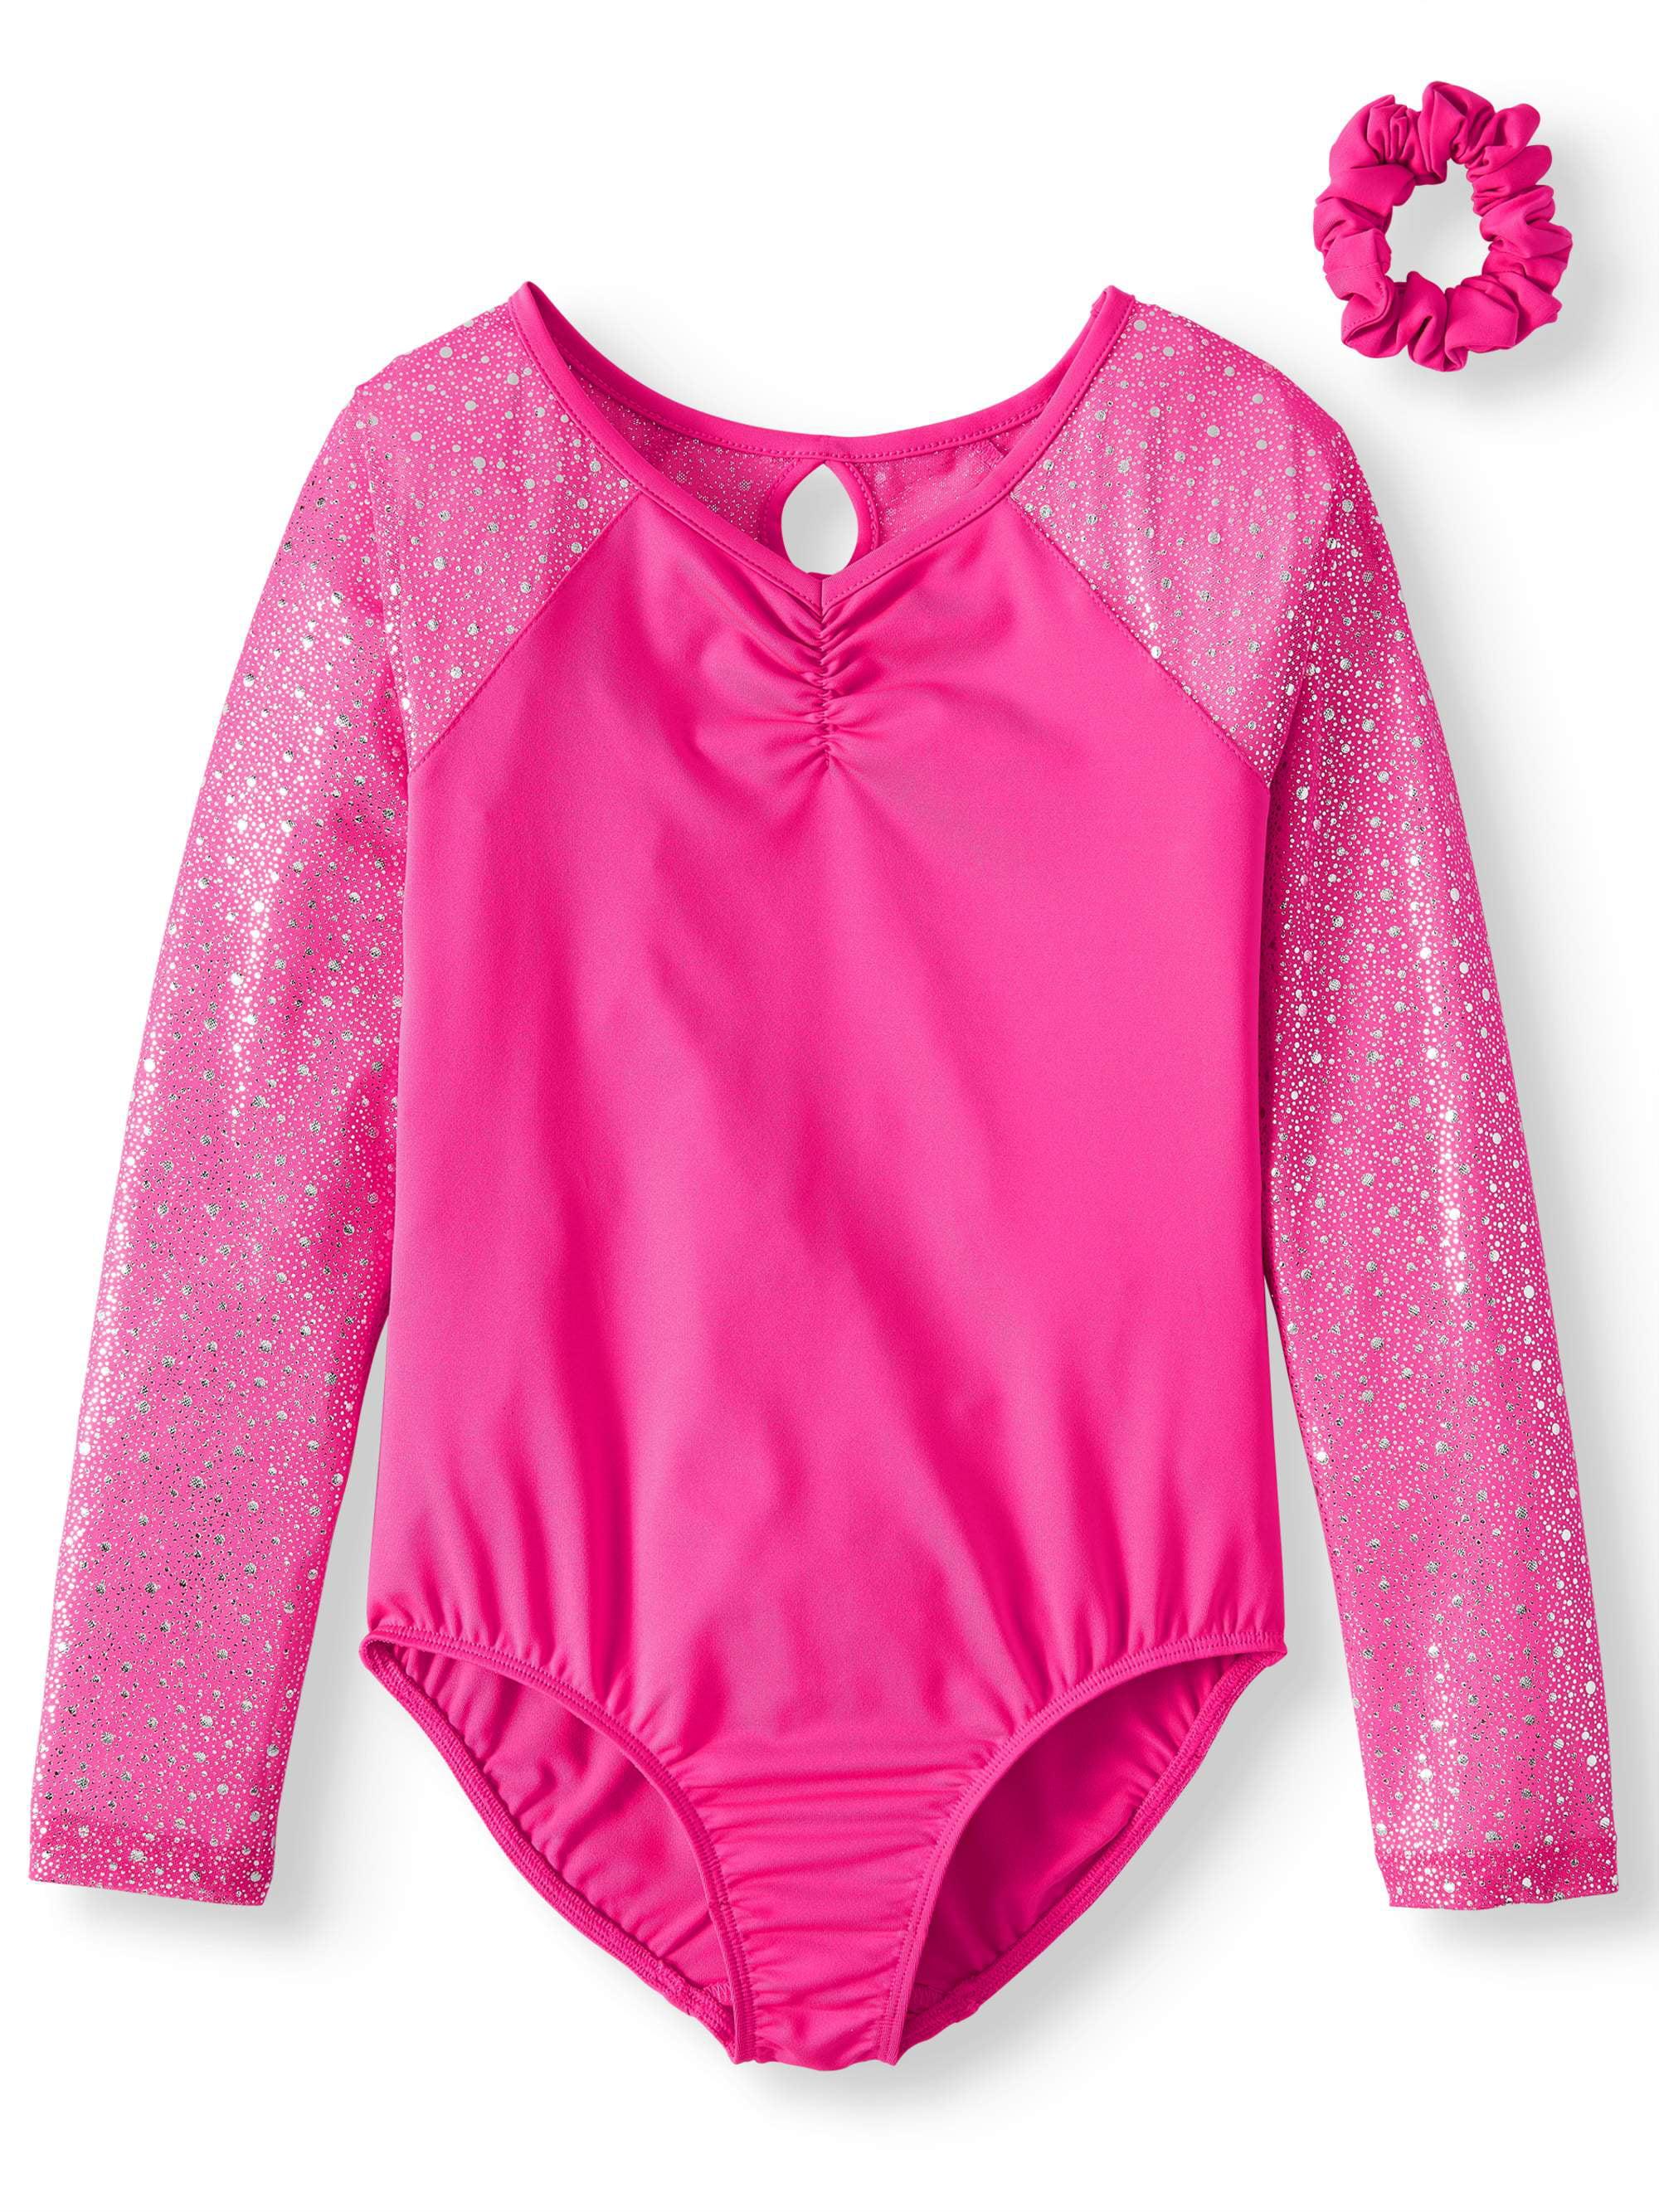 3T Girls 4 to 16 Sizes: Girls 2T Zebra Print Adult XS to XL Gymnastics or Dance Leotard